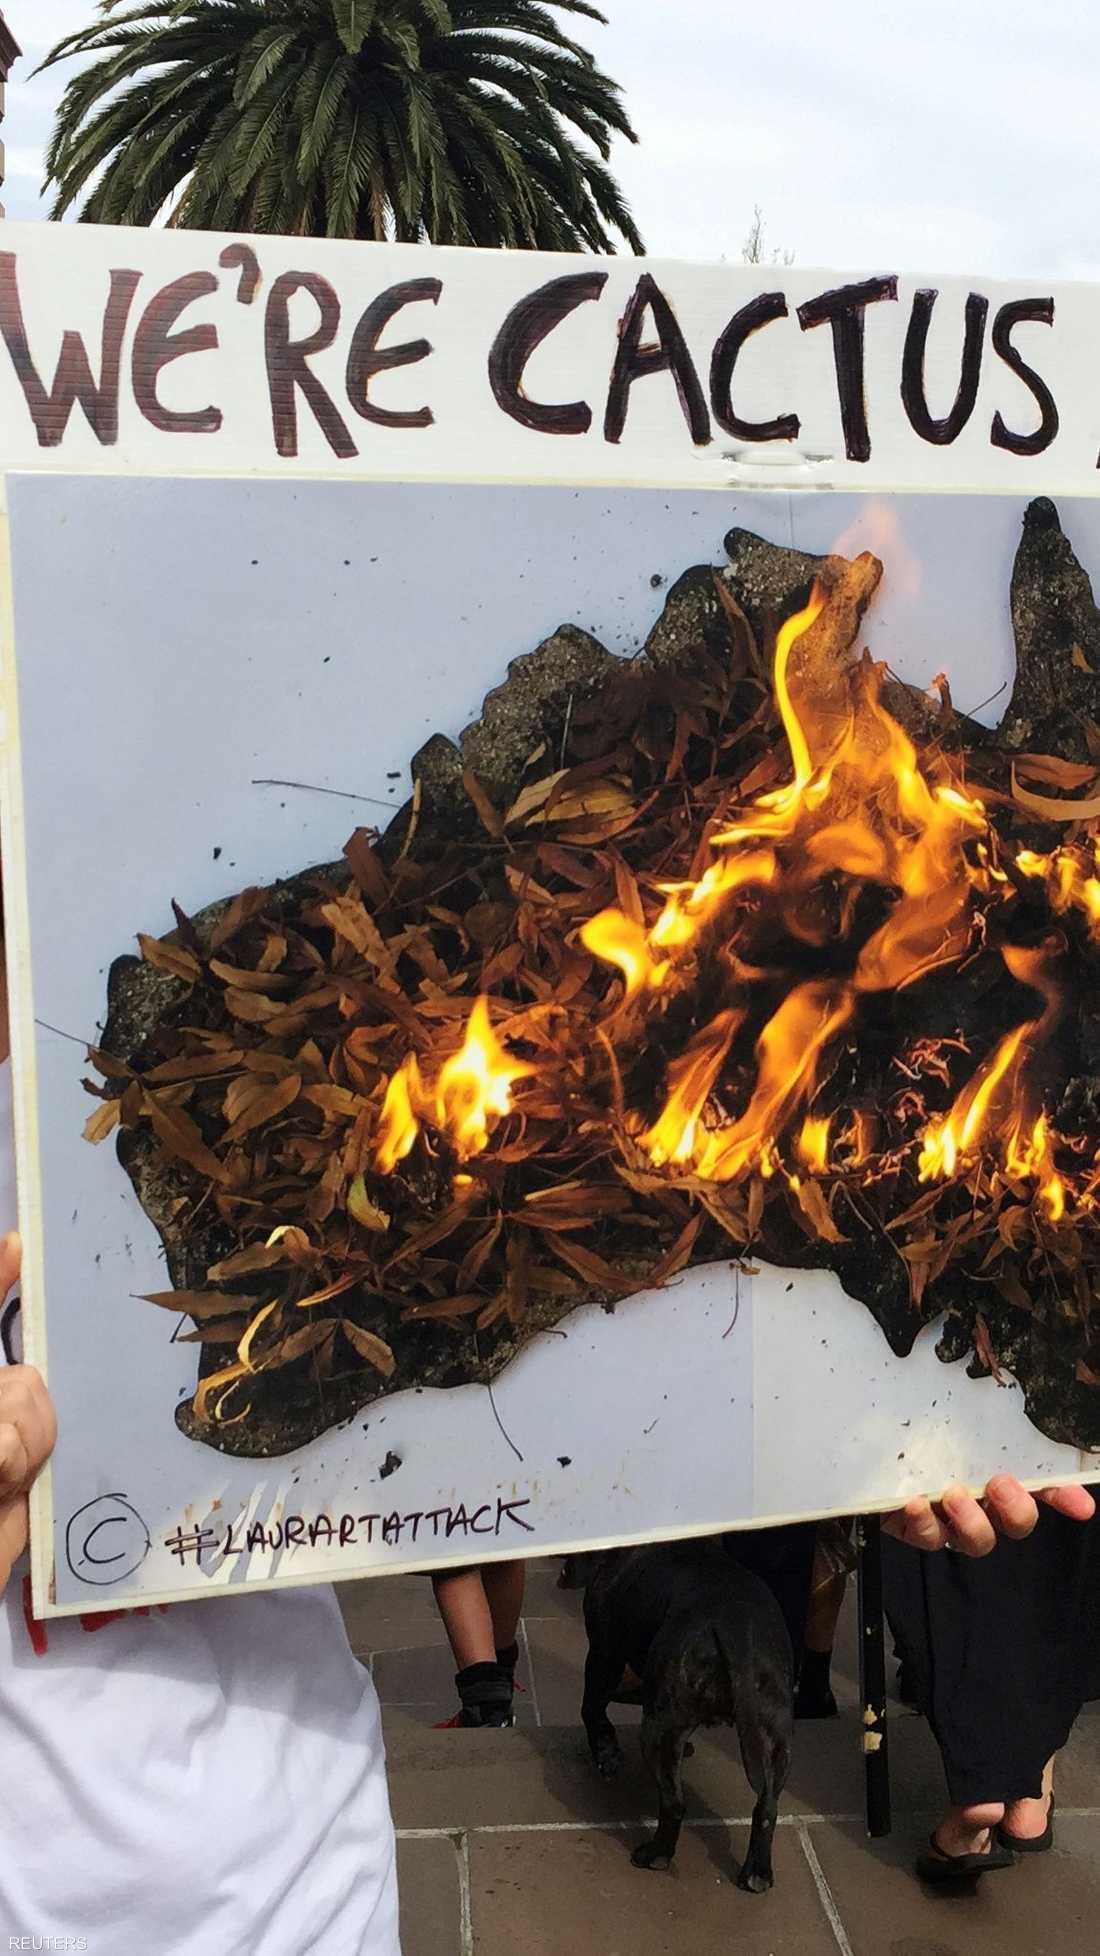 نُظمت الاحتجاجات في 110 بلدات ومدينة عبر أستراليا